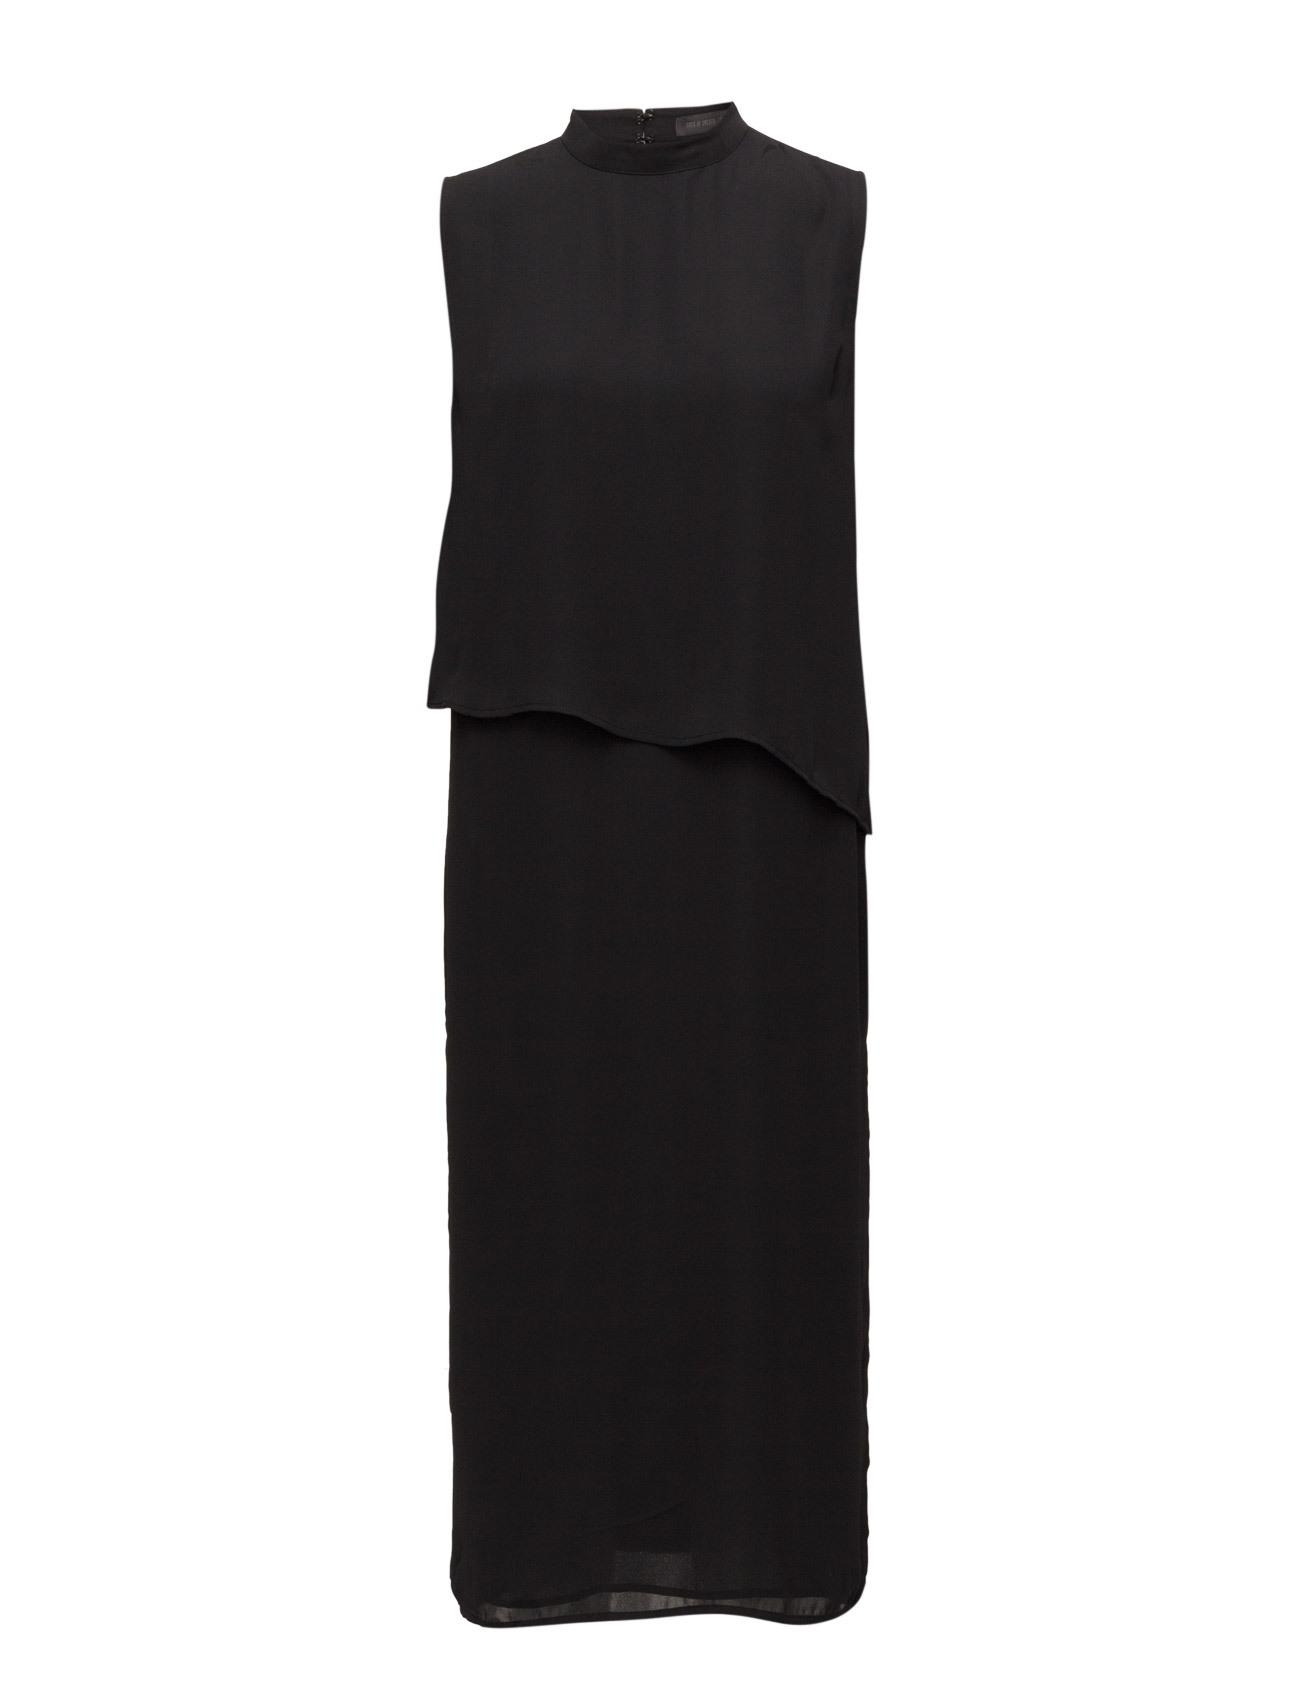 Designer Genial Damen Kleider Kaufen Spezialgebiet10 Coolste Damen Kleider Kaufen Galerie